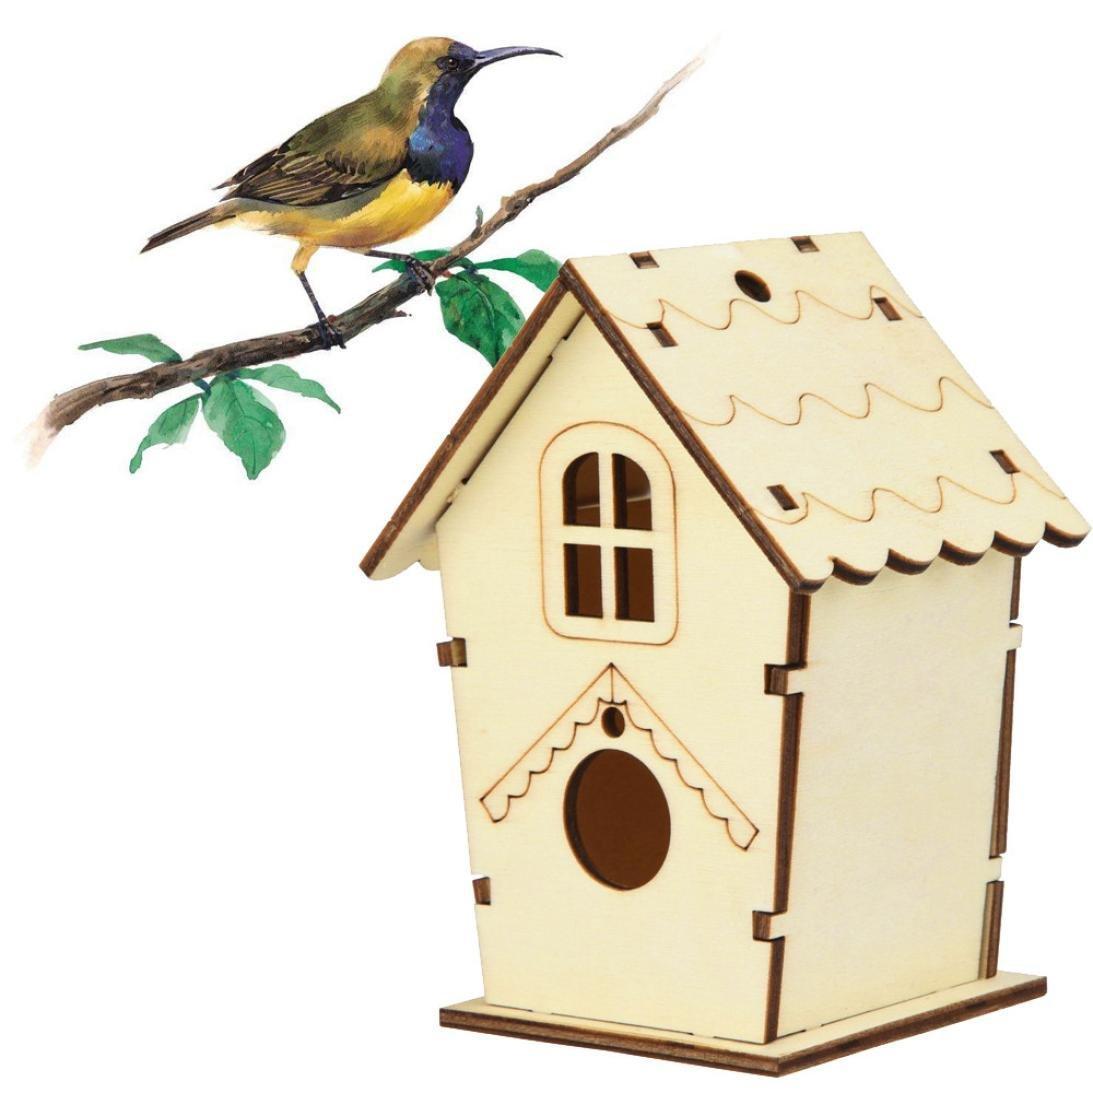 Cloom Kreative DIY Holz Outdoor Vogelhaus Vogel-Nisthaus, Nistkasten, Nisthöhle, Vogelhaus, Vogelhäuschen Für Kleinsingvögel, Ganzjahresnutzung, Landhaus DIY Vogelhäuser Nisthaus Vogelkiste Nisthöhle